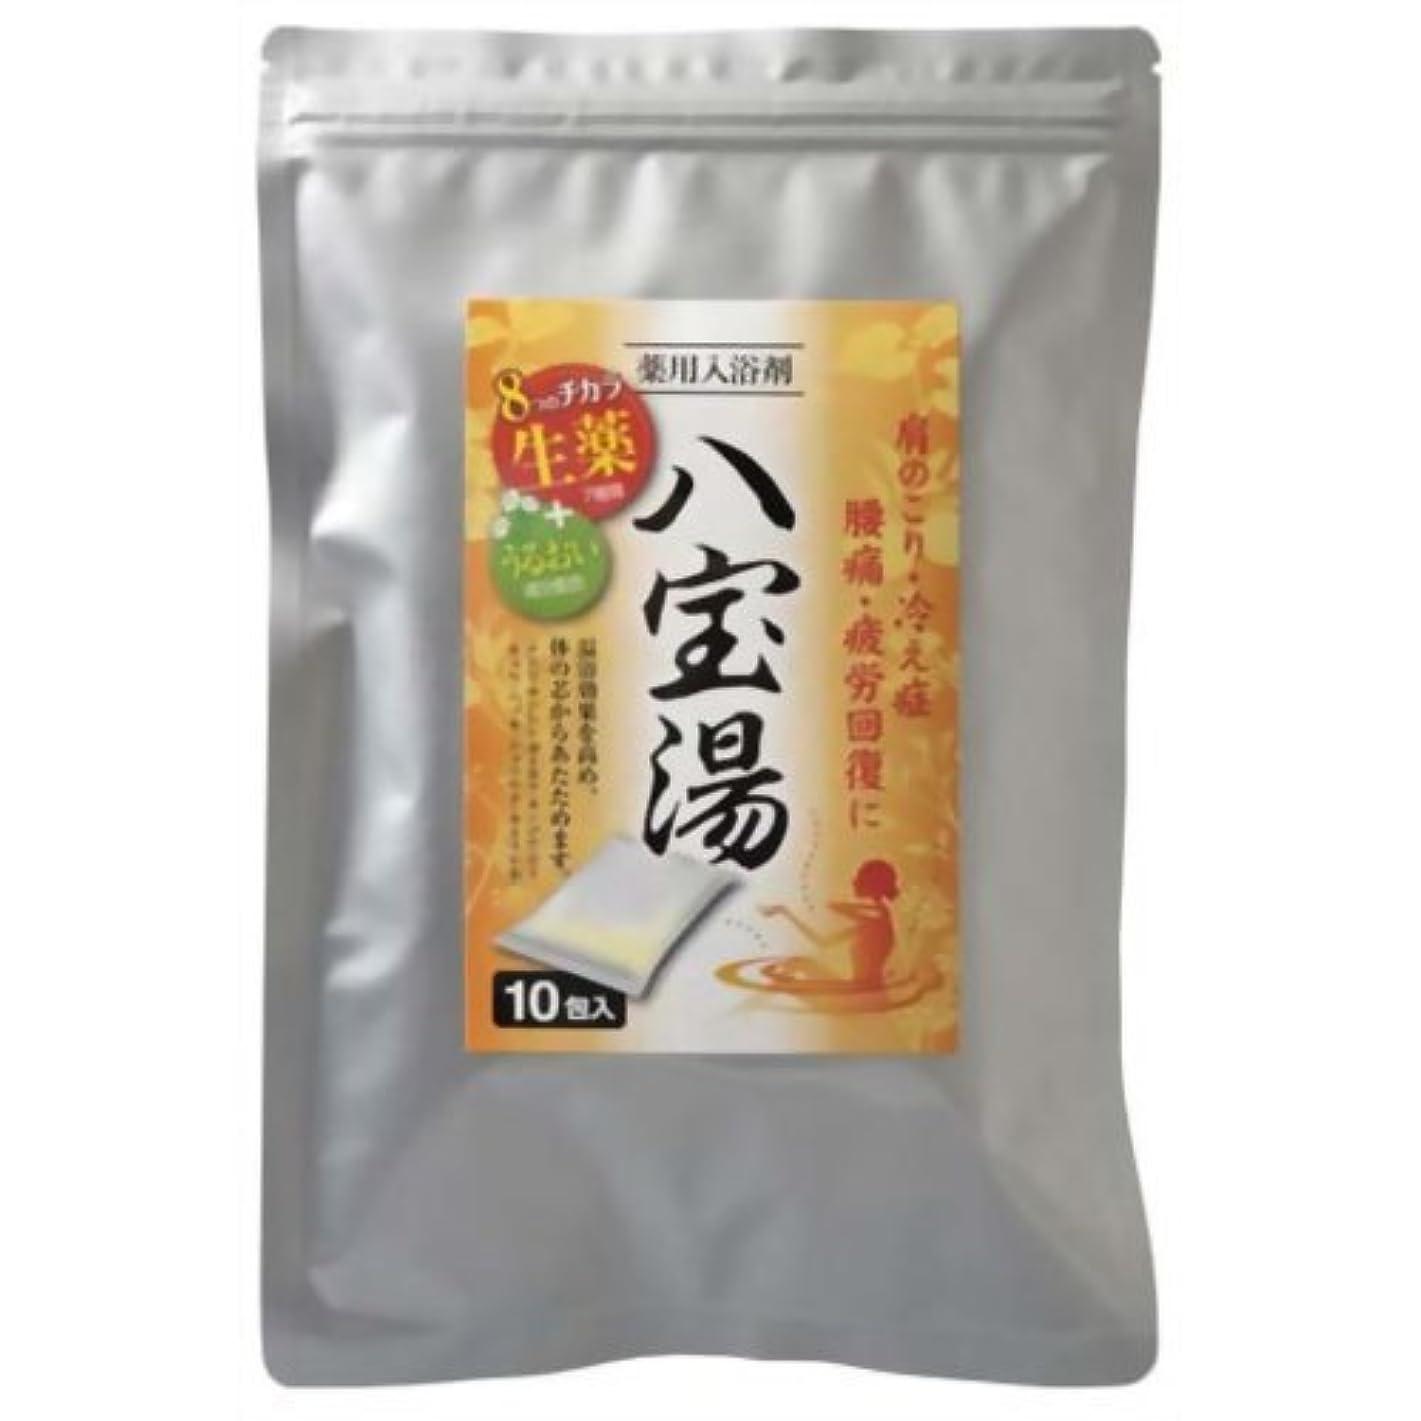 薬用入浴剤 八宝湯 カモミールの香り 10包 [医薬部外品]